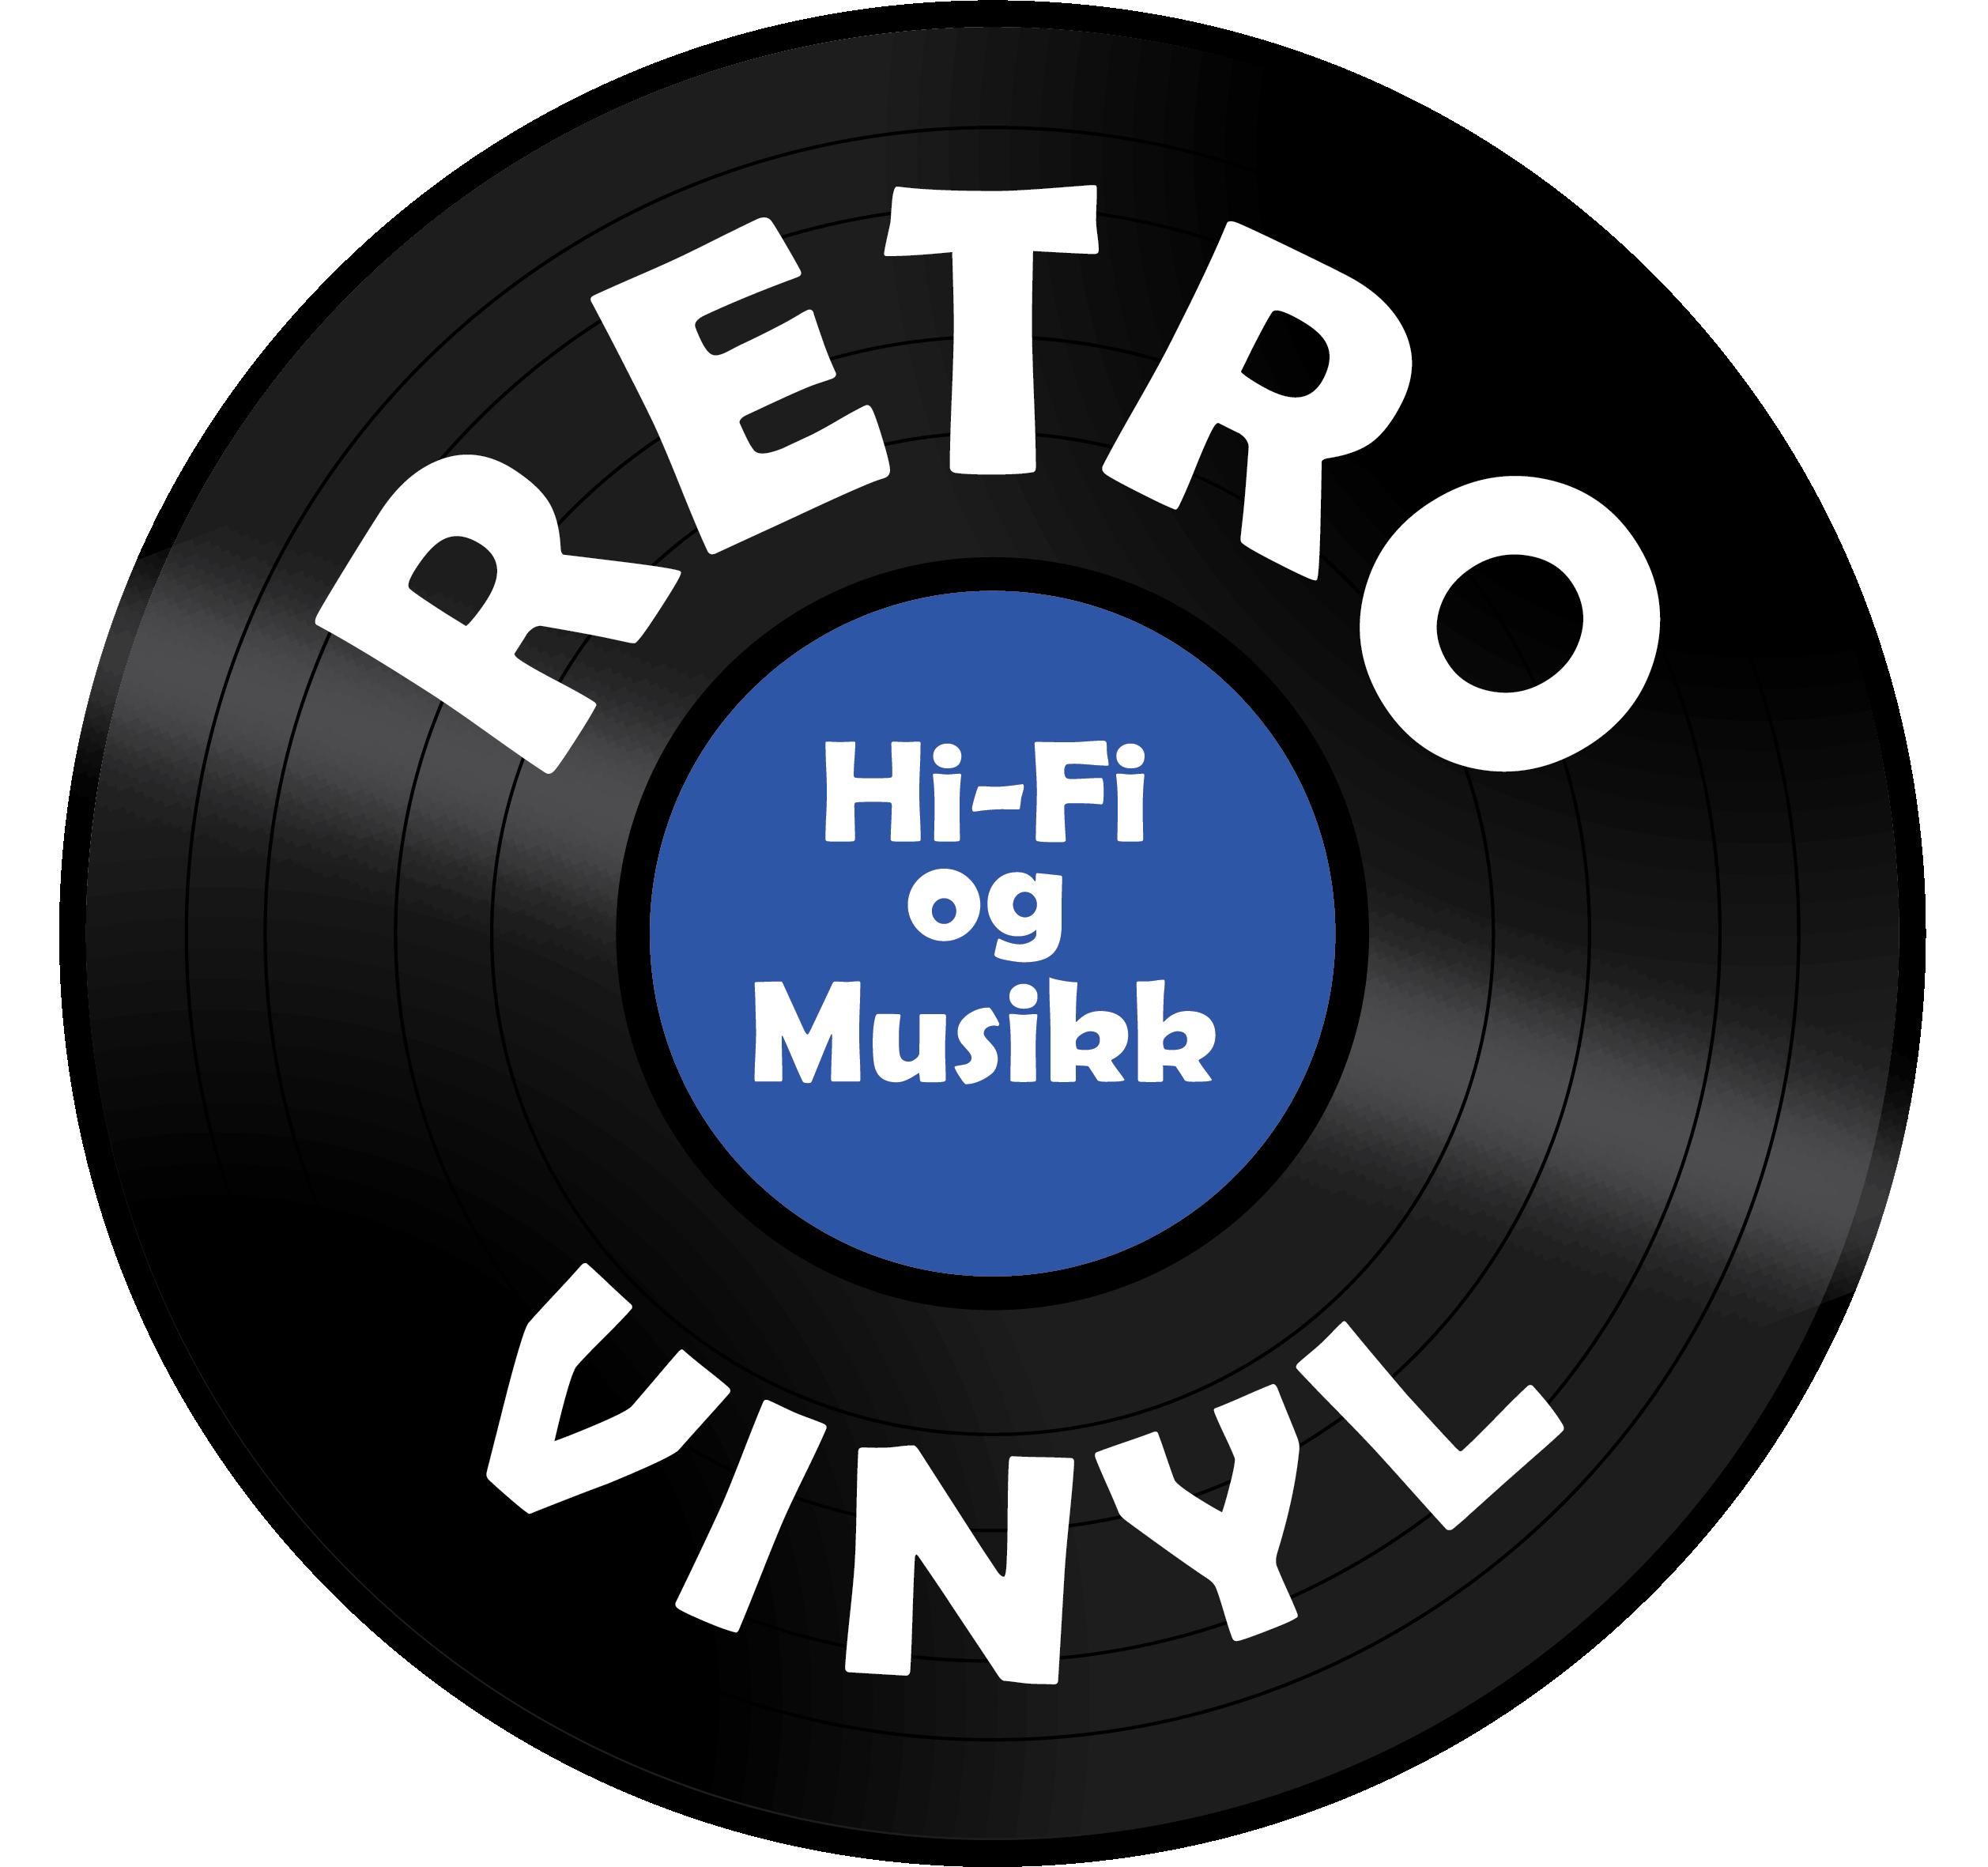 Stor Retro Vinyl - Din platebutikk i Sarpsborg. QB-51